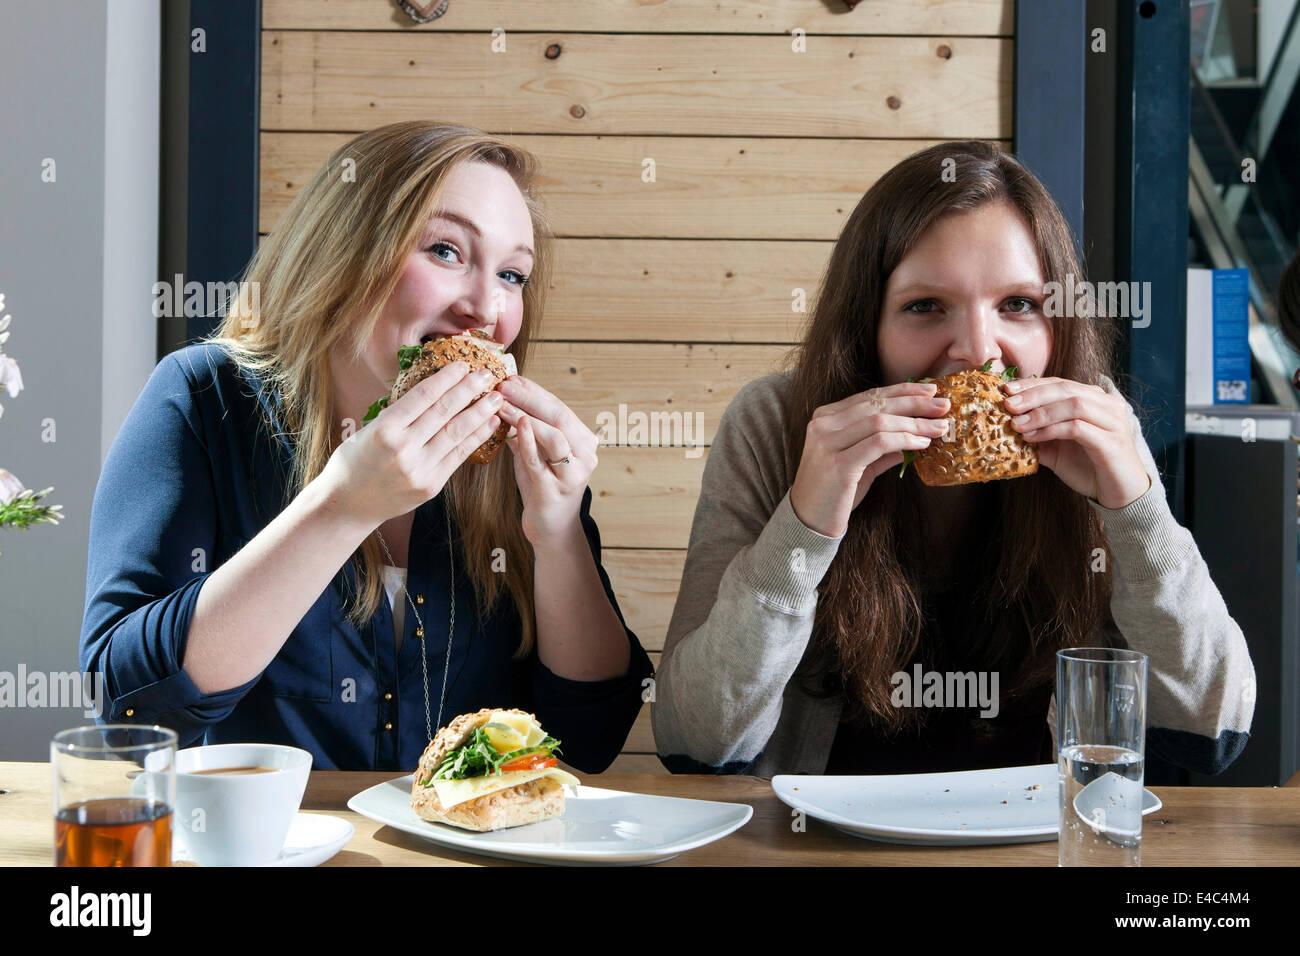 Dos jóvenes mujeres comer bocadillos en la cafetería Imagen De Stock